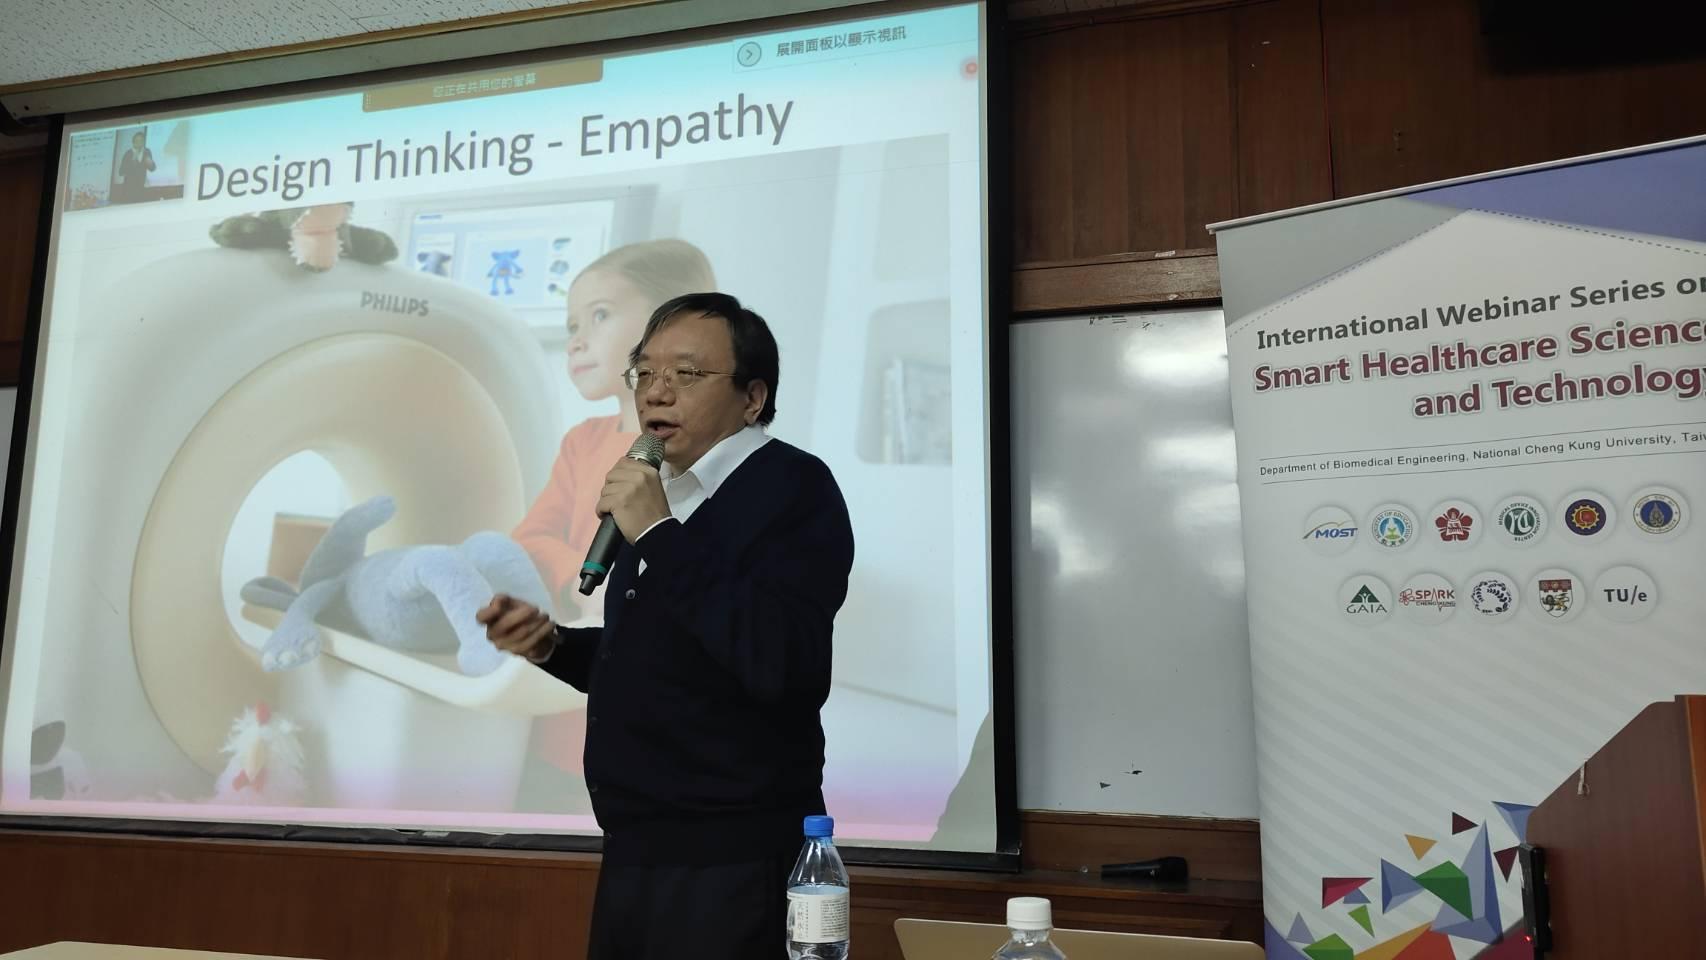 臺泰國際智慧醫療視訊研討會:共創新南向數位醫療發展的標題圖片